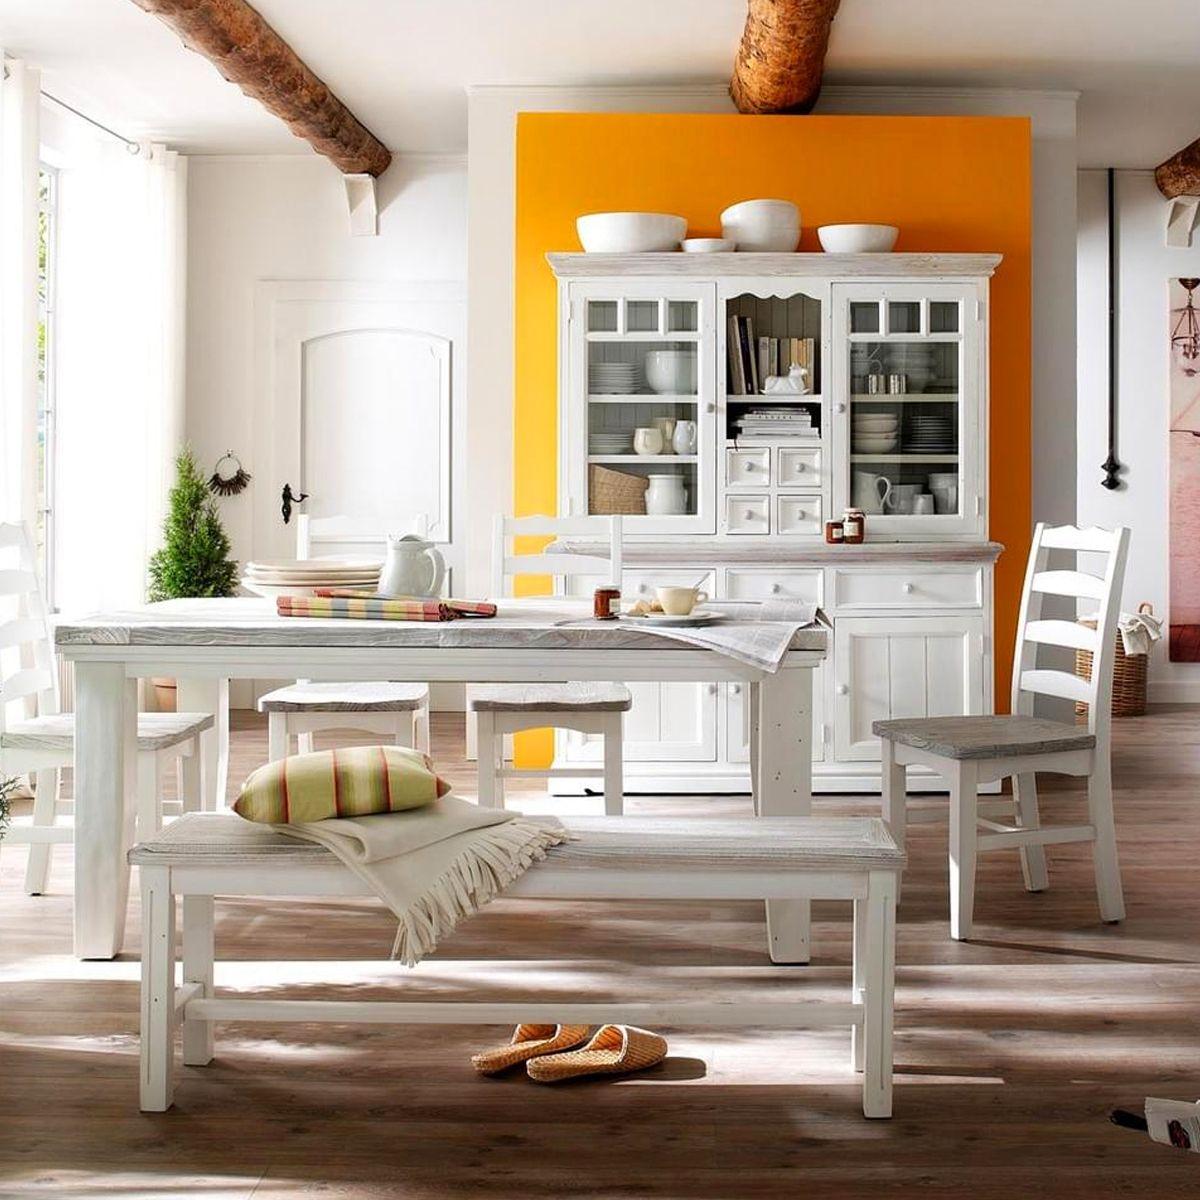 Vitrine Aus Massivholz Im Landhausstil. #landhaus #küche #möbel #cottage  #wohnen